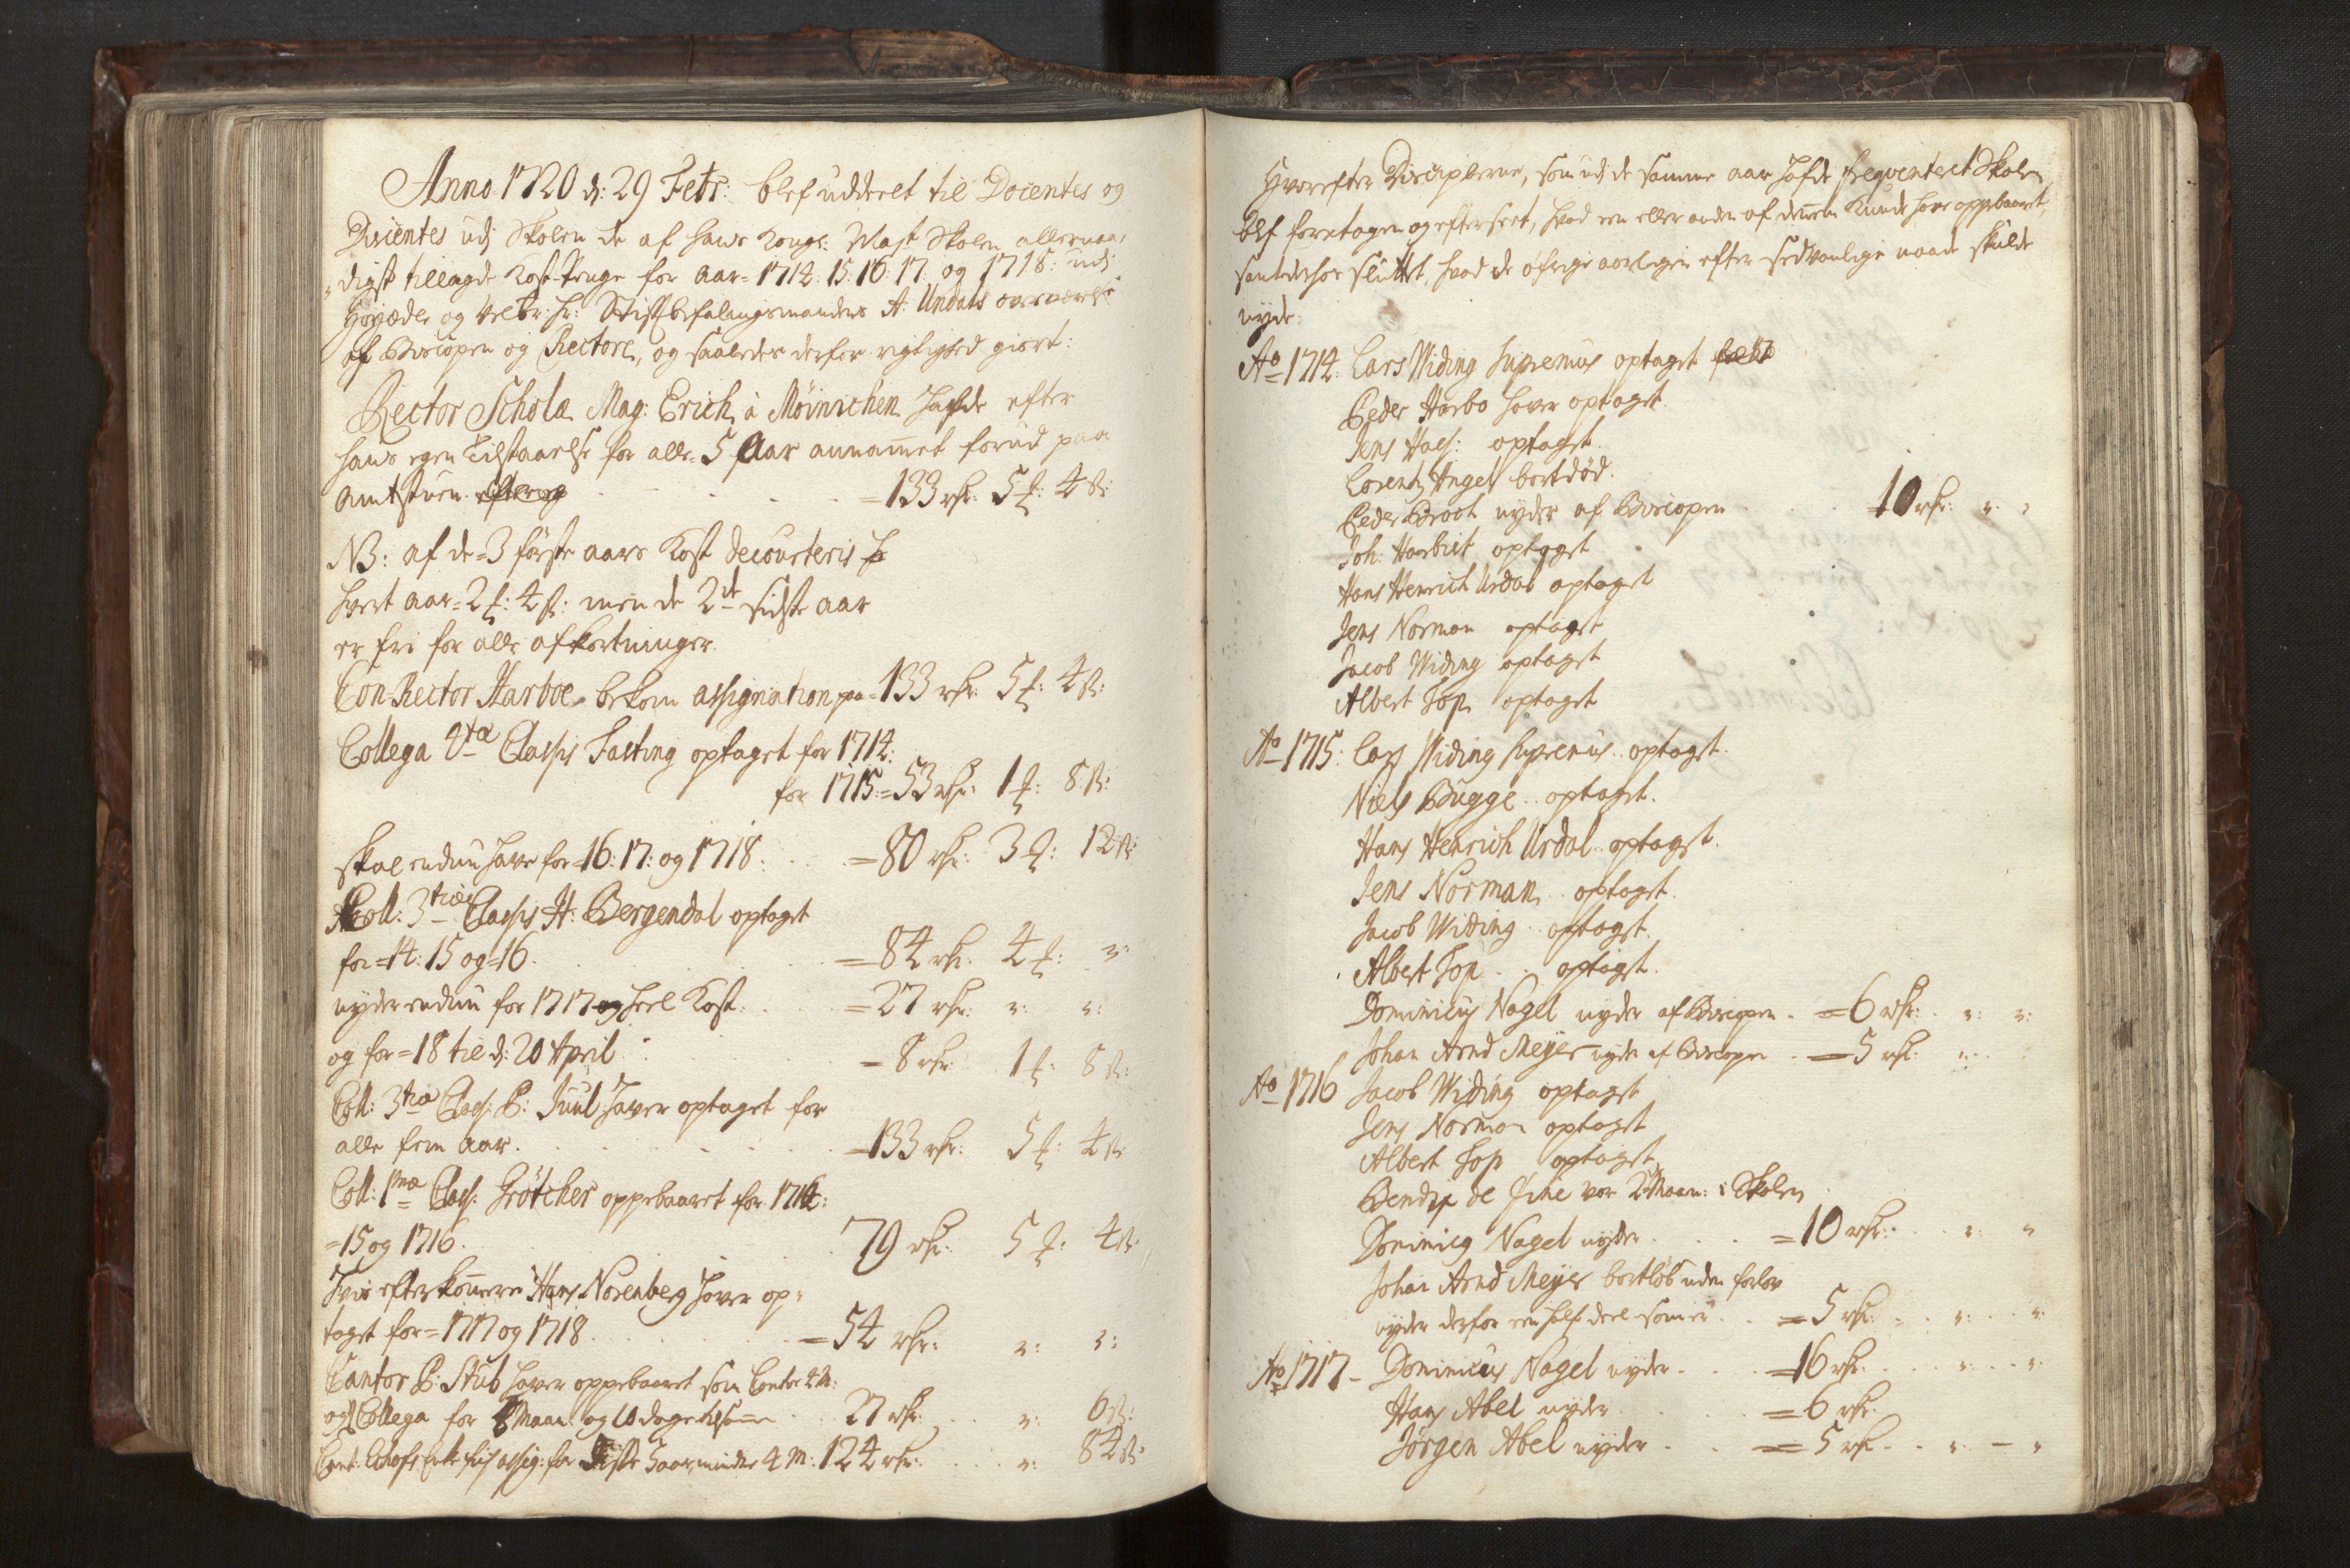 SAB, Bjørgvin biskop, Ga/L0014: Jordebøker for geistleg gods og andre rekneskapsprotokollar, 1609-1737